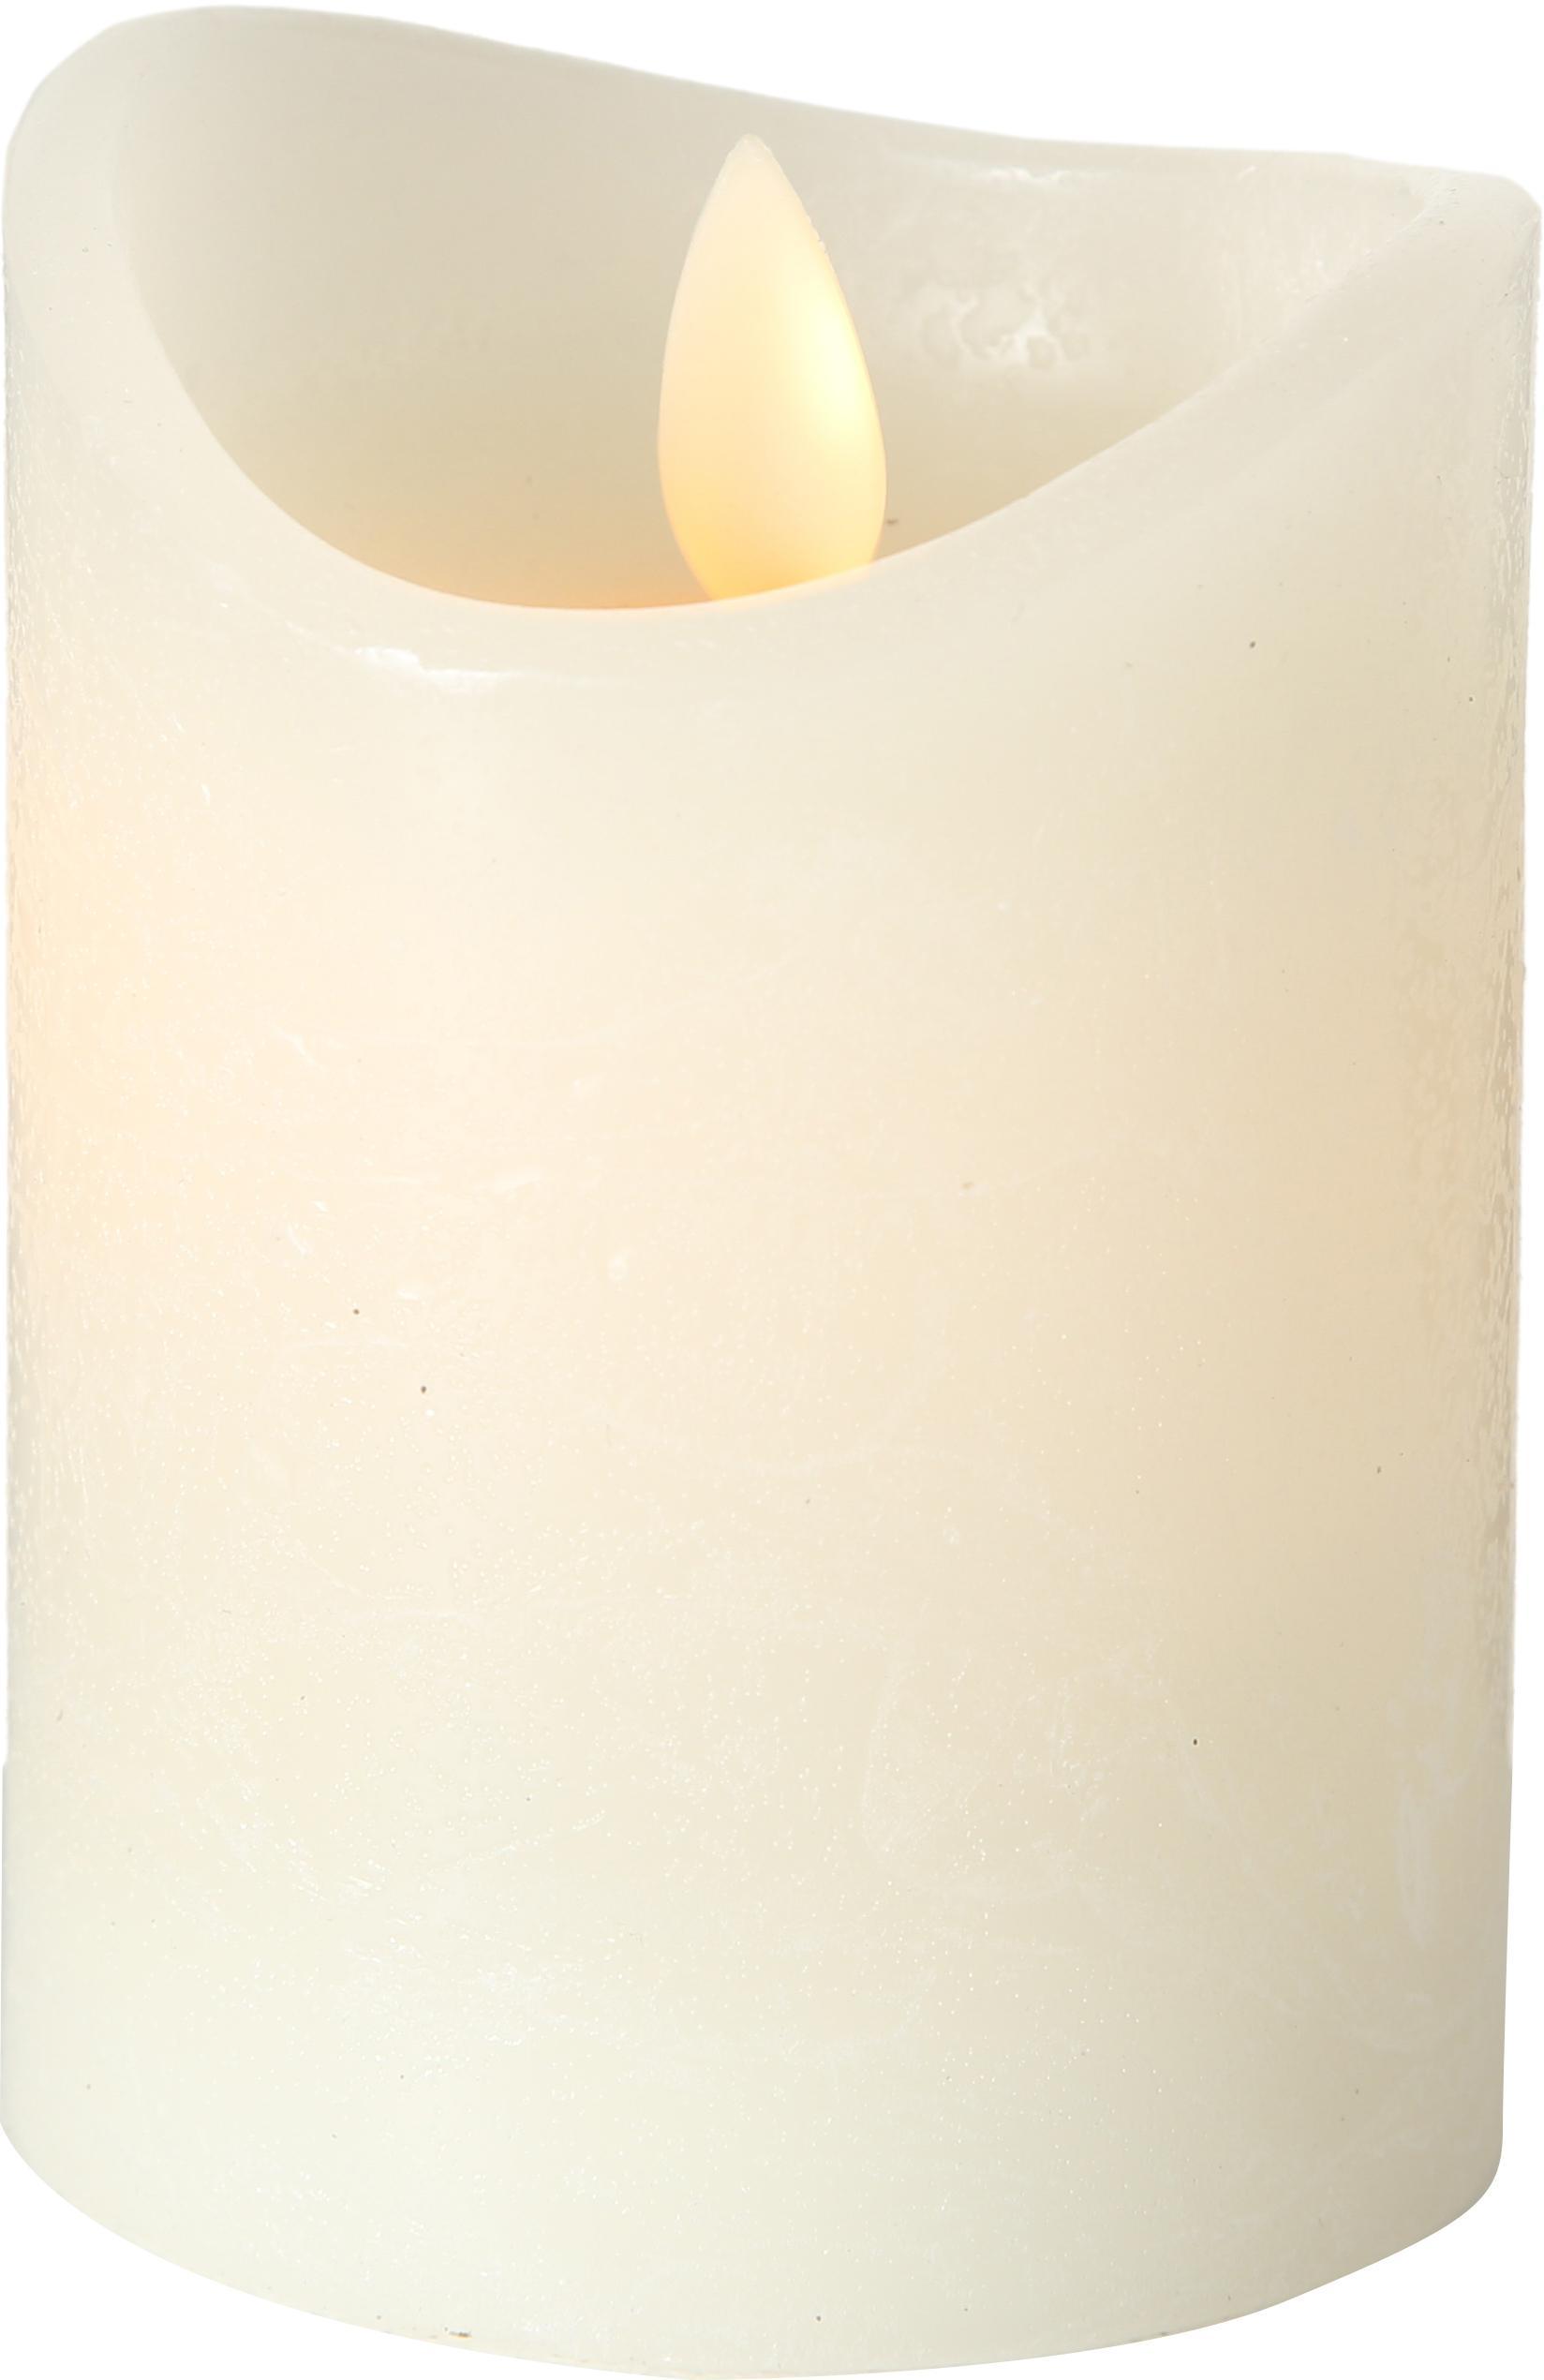 Świeca LED Bino, Odcienie kremowego, Ø 8 x W 10 cm